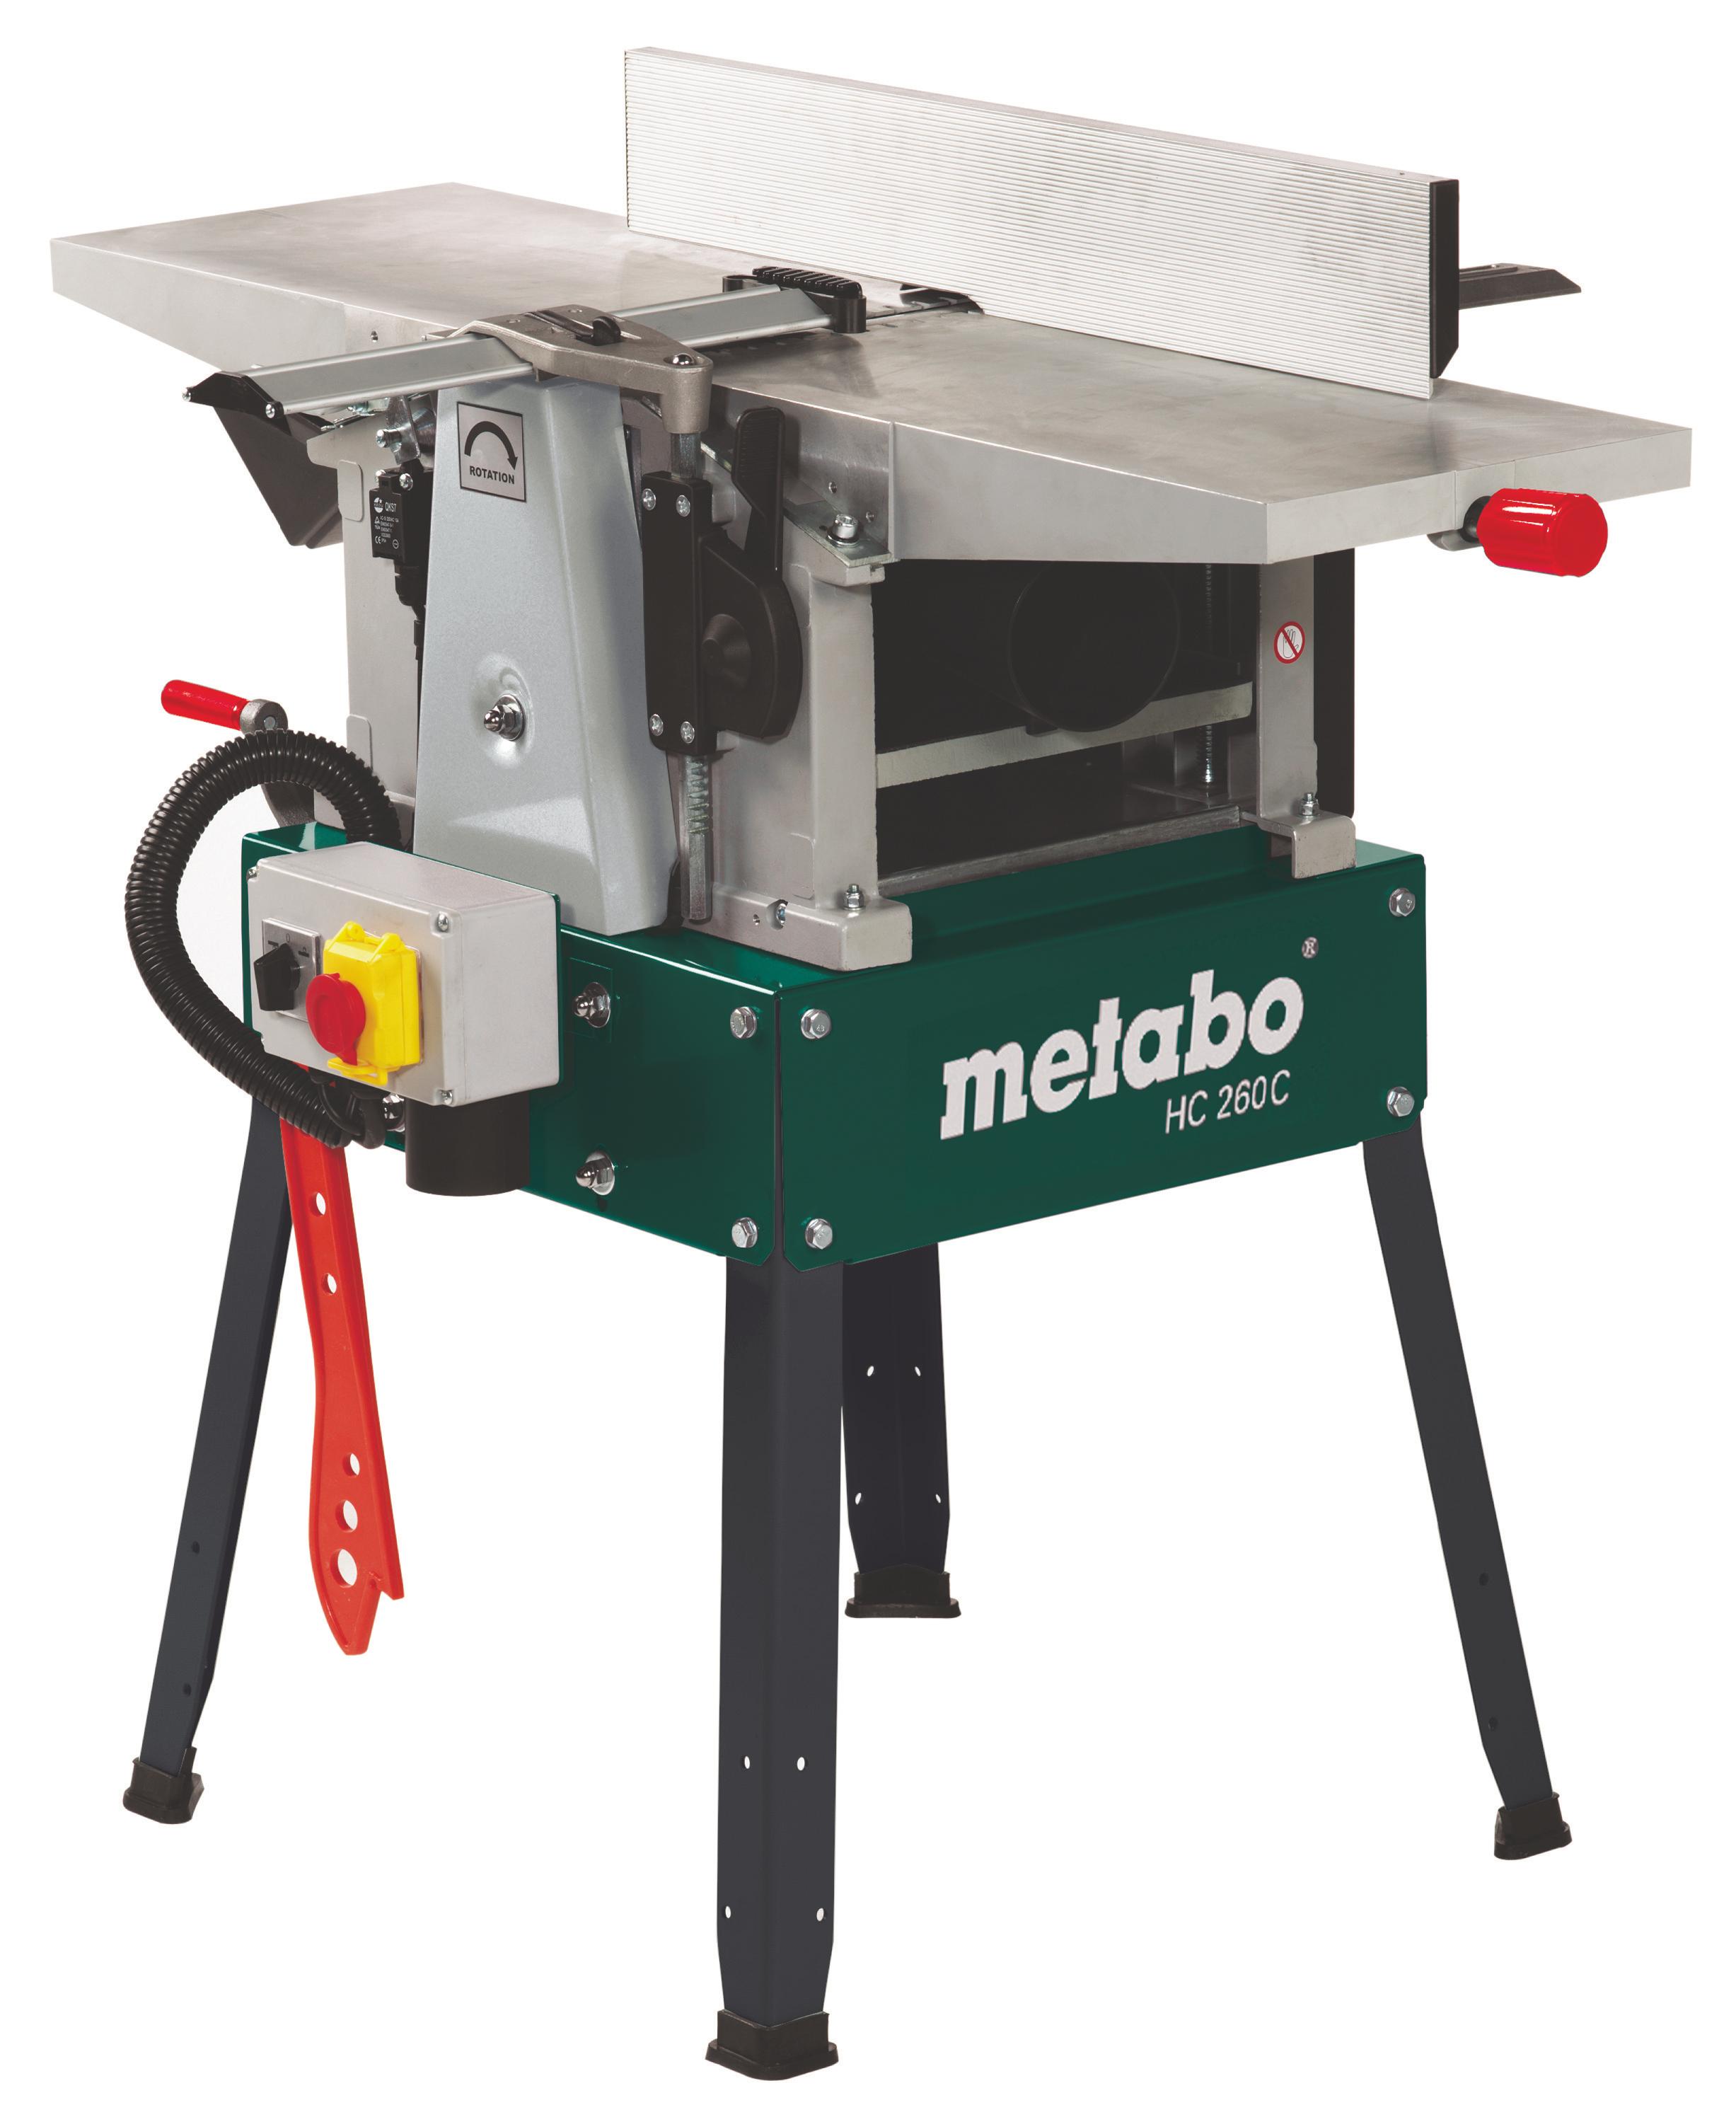 Станок фуговально-рейсмусовый Metabo Hc 260 c - 2,8 dnb (114026100)